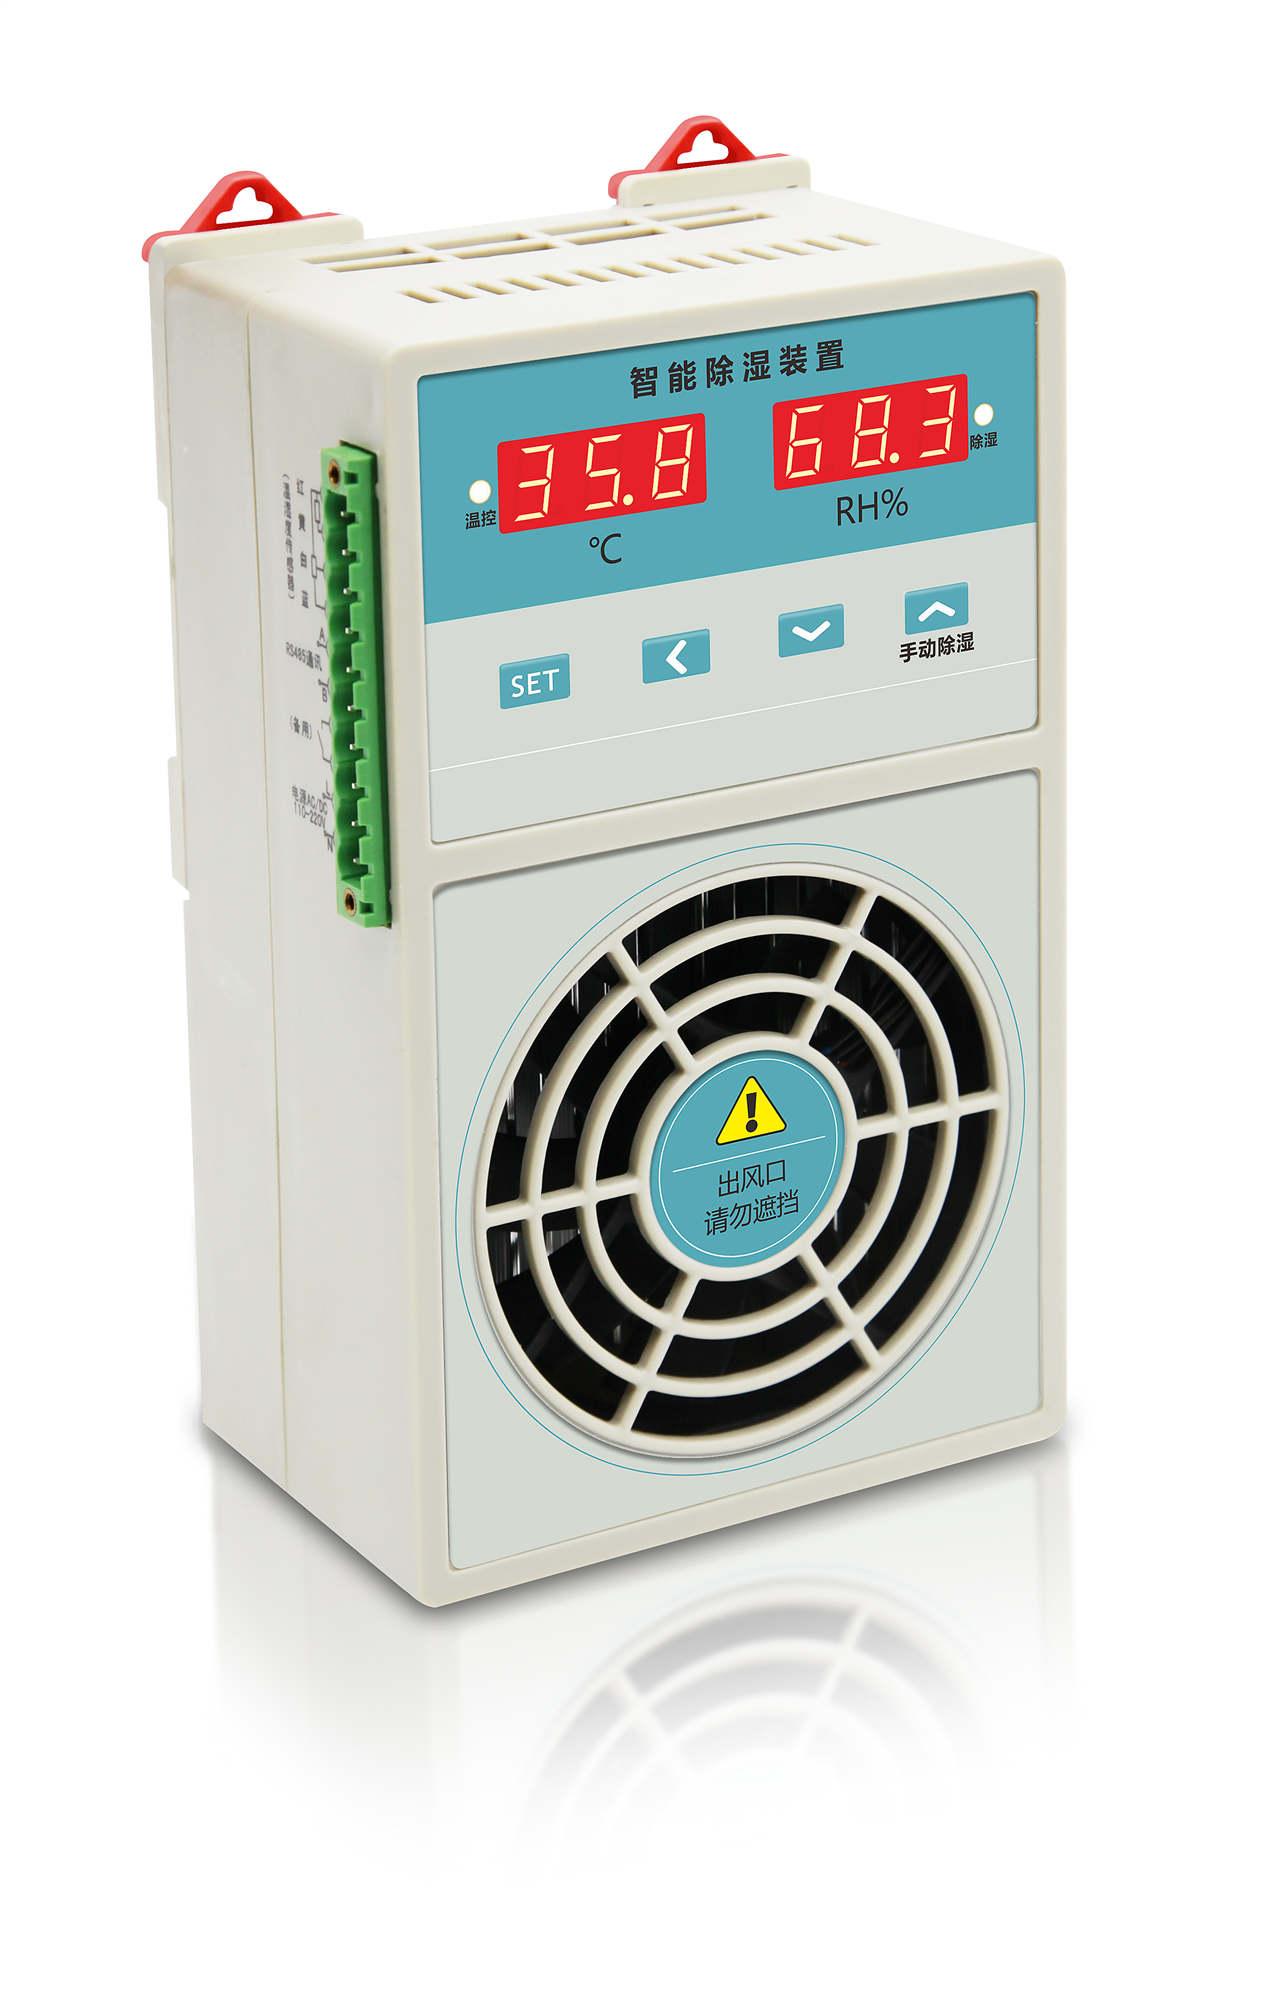 衡阳雁峰XMTE-8816智能温度调节仪推荐